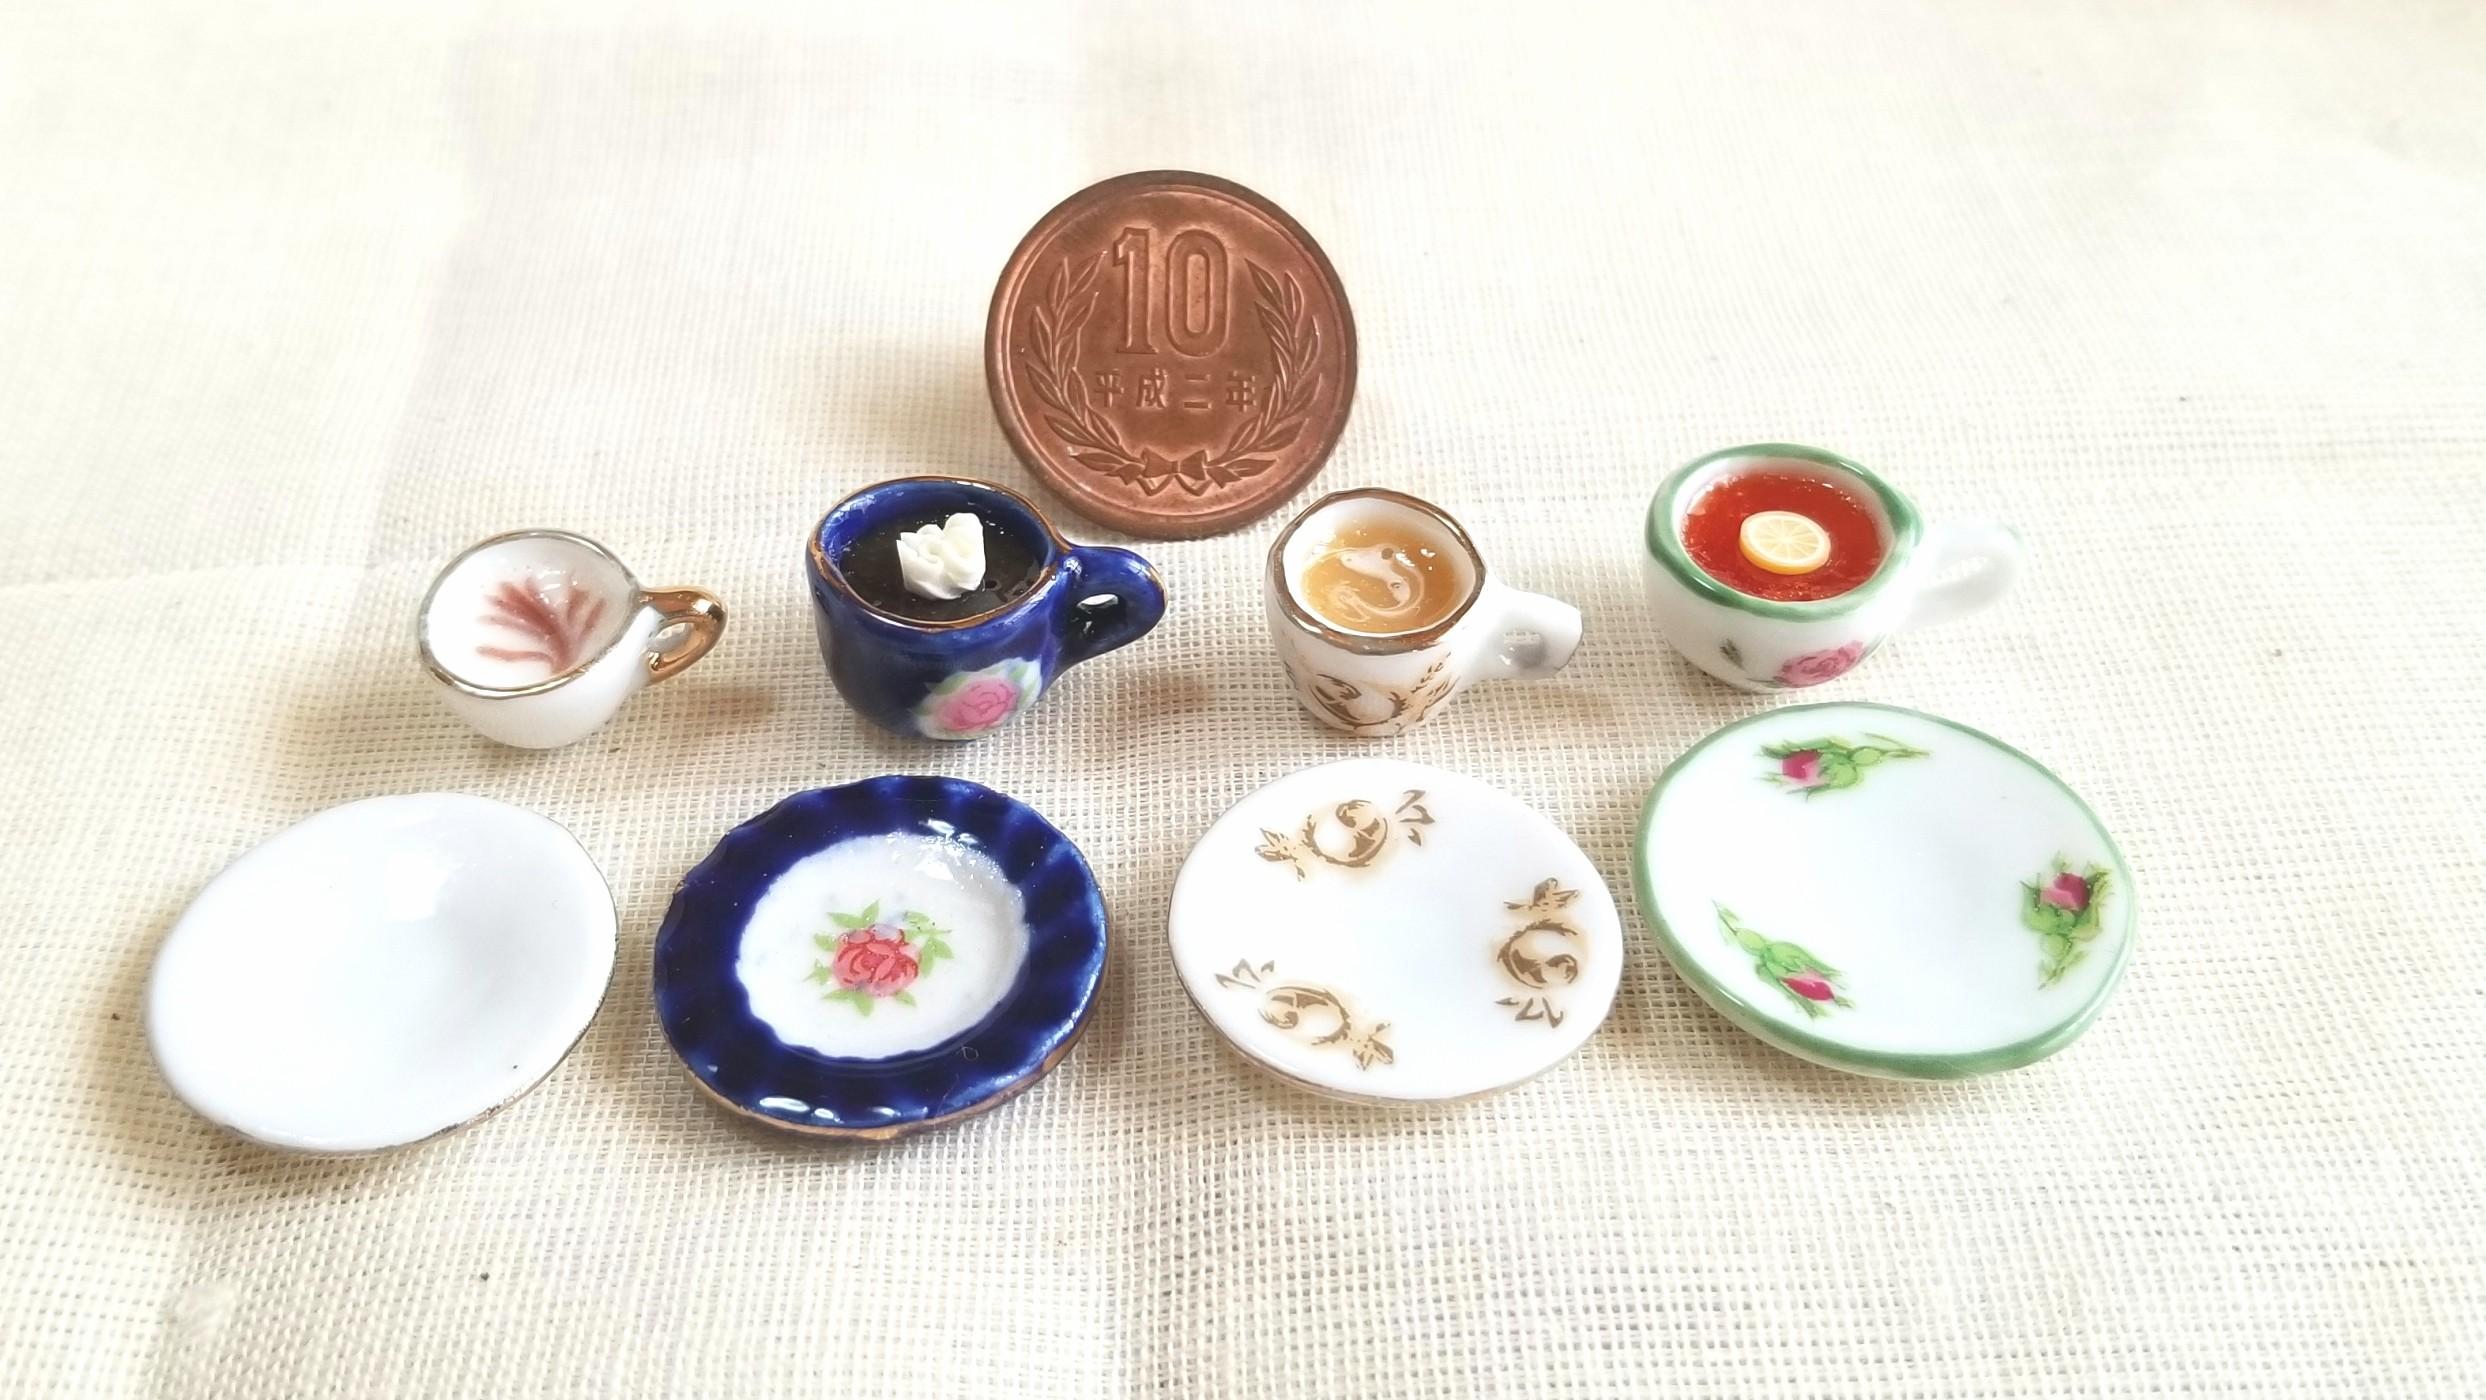 ミニチュア陶器の食器,かわいいティーカップ,おしゃれな飲み物,販売